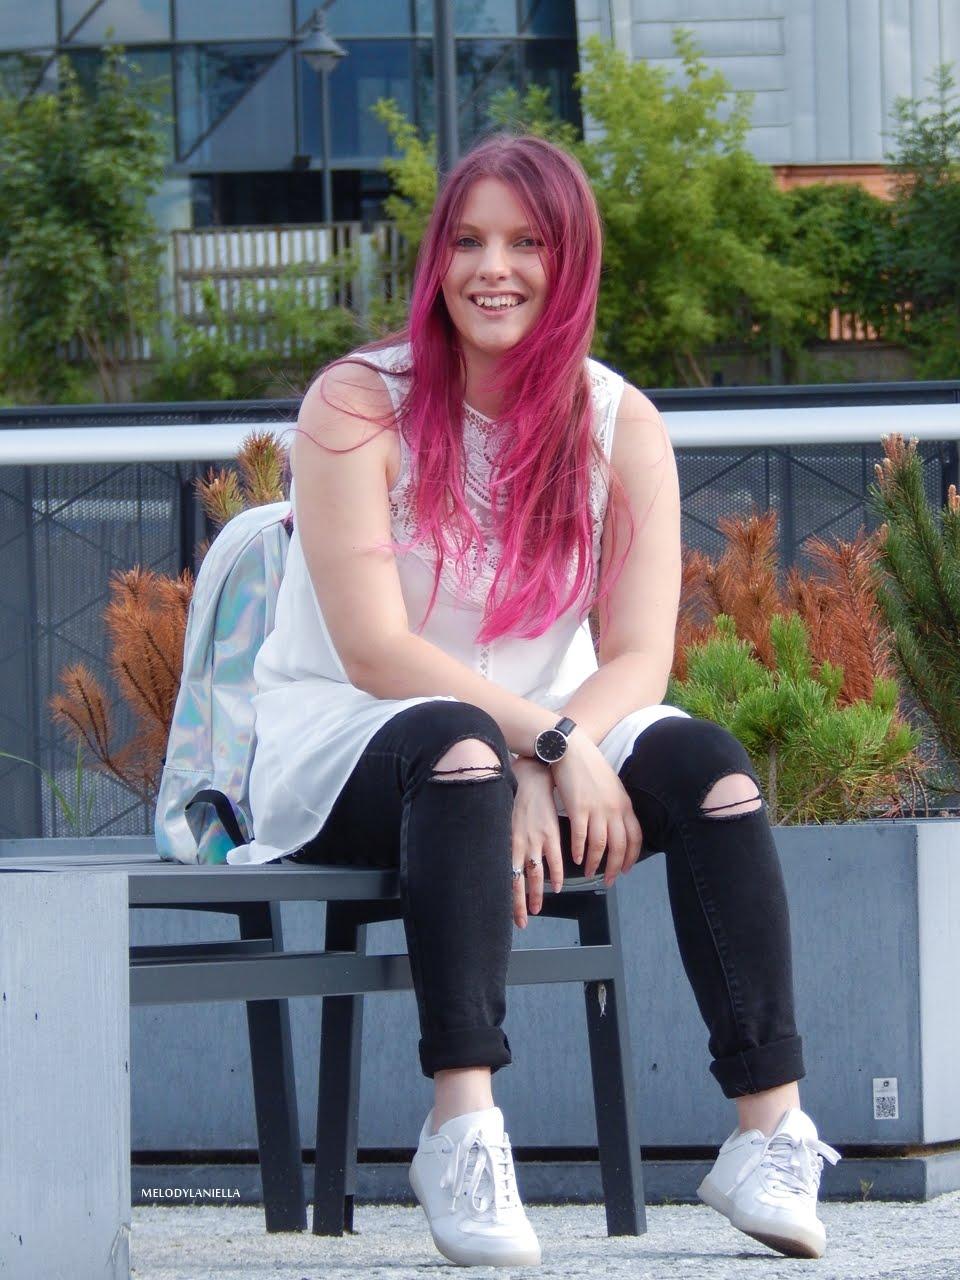 17 holograficzny plecak betterlook.pl farby venita różowe włosy jak pofarbować włosy kolorowe włosy ombre pink hair paul rich watches zegarek czarne jeansy z dziurami modna polka lookbook